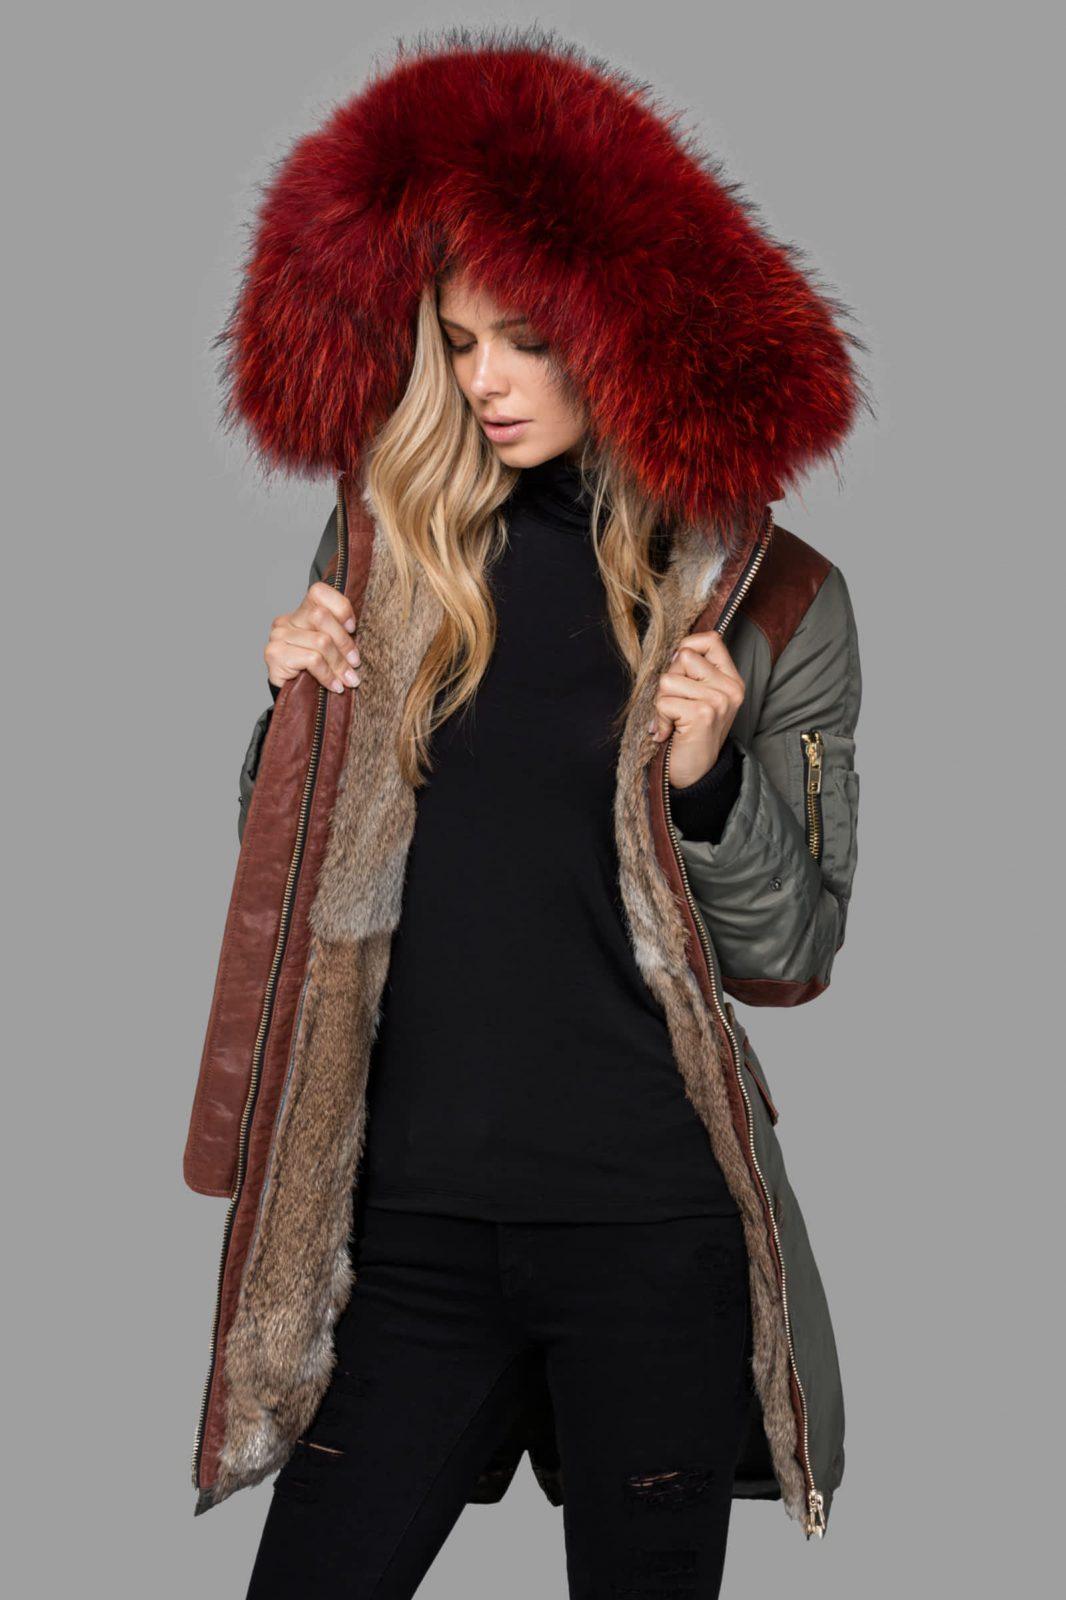 parki4 Модные женские куртки на сезоны осень, зима, весна 2018 - 2019! Тенденции, новинки, 115 фото%obz